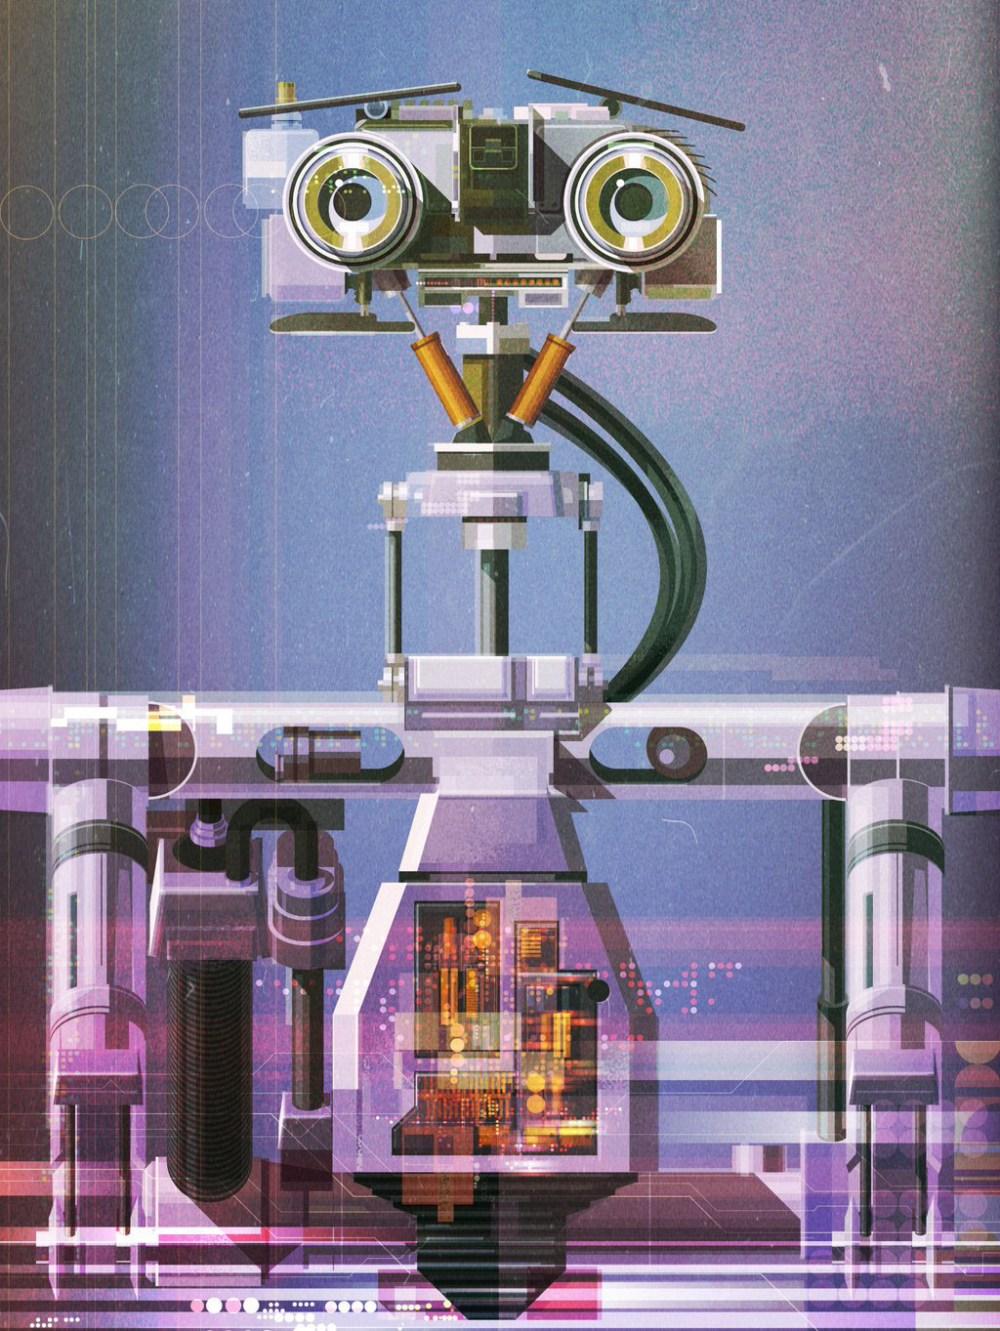 James Gilleard robot